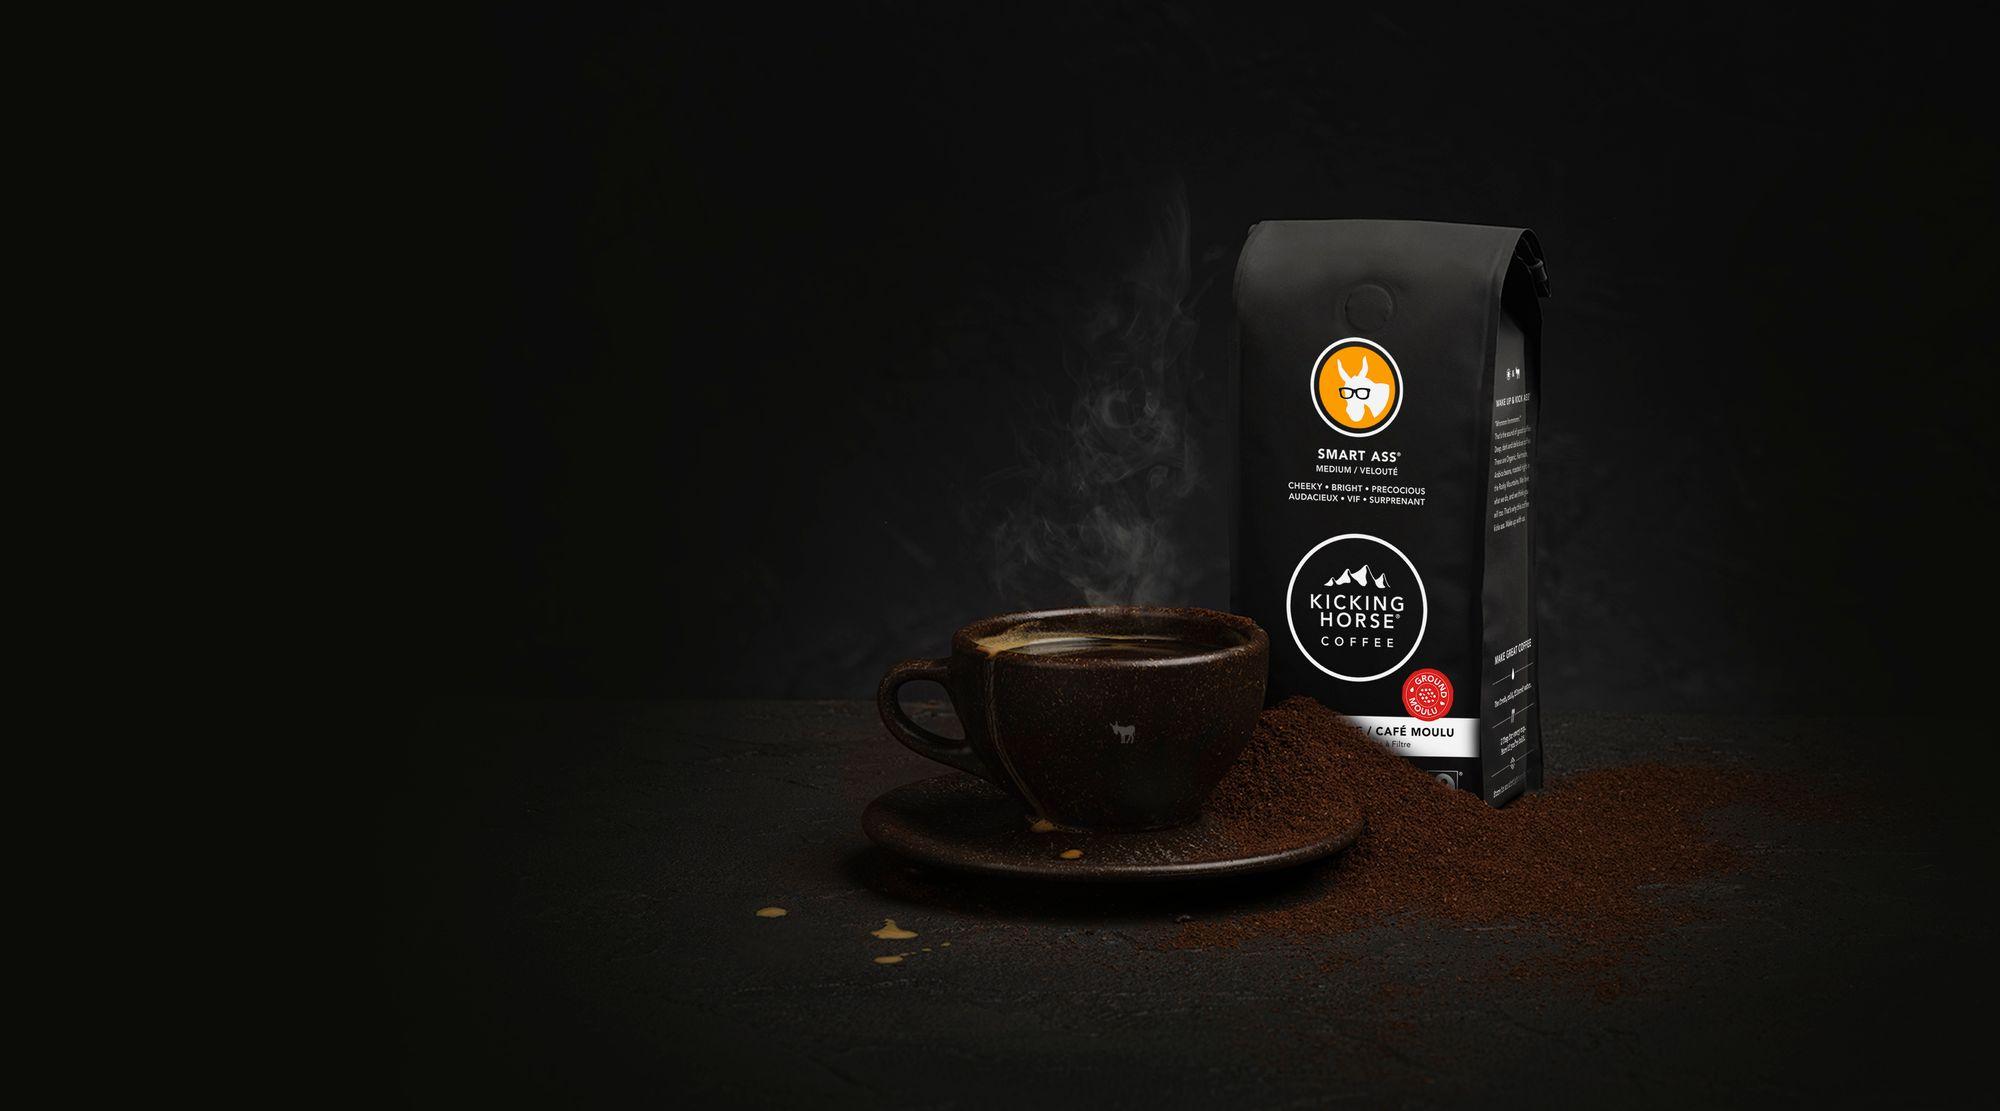 Smart Ass ground coffee with coffee mug